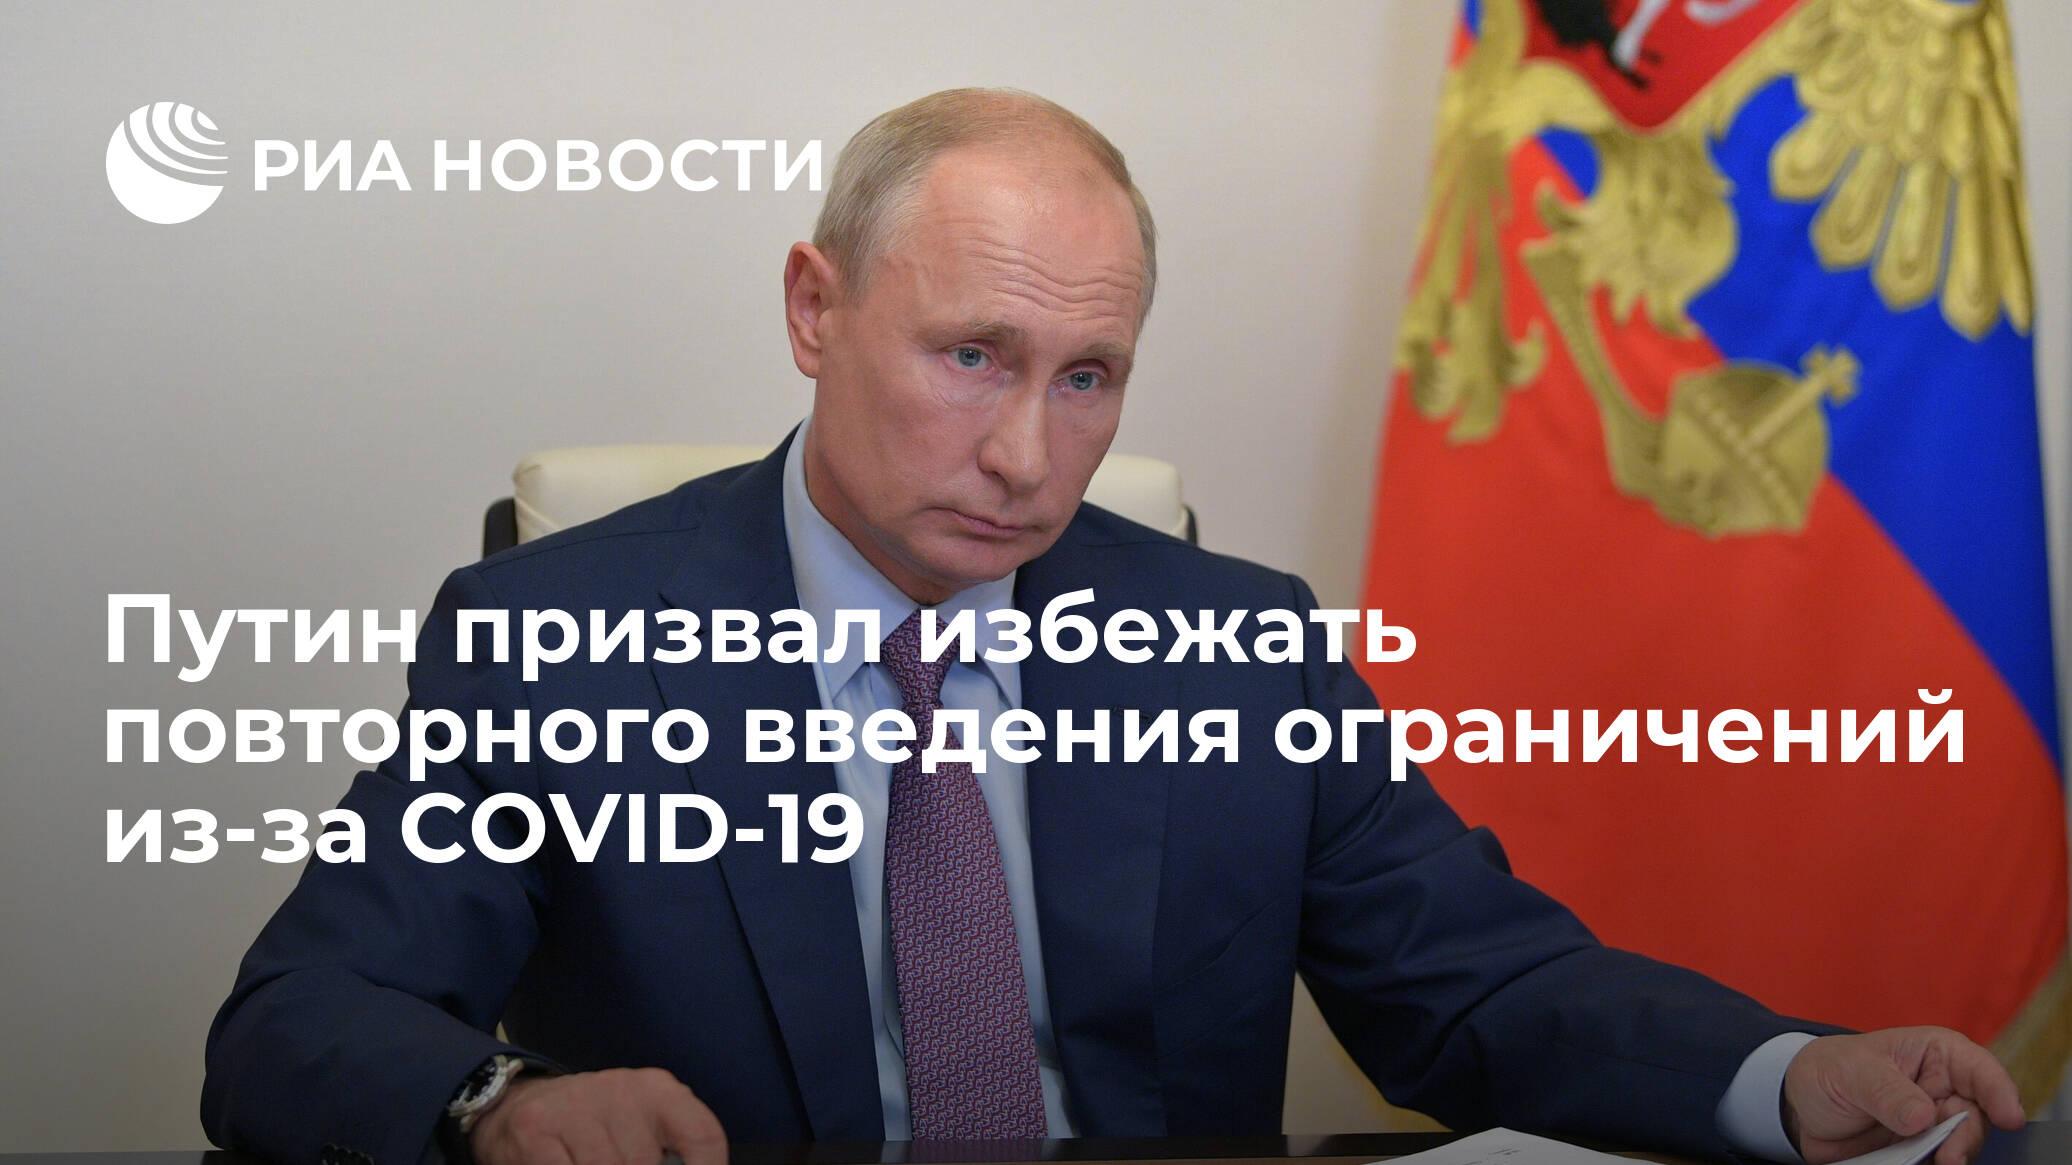 Путин призвал избежать повторного введения ограничений из-за COVID-19